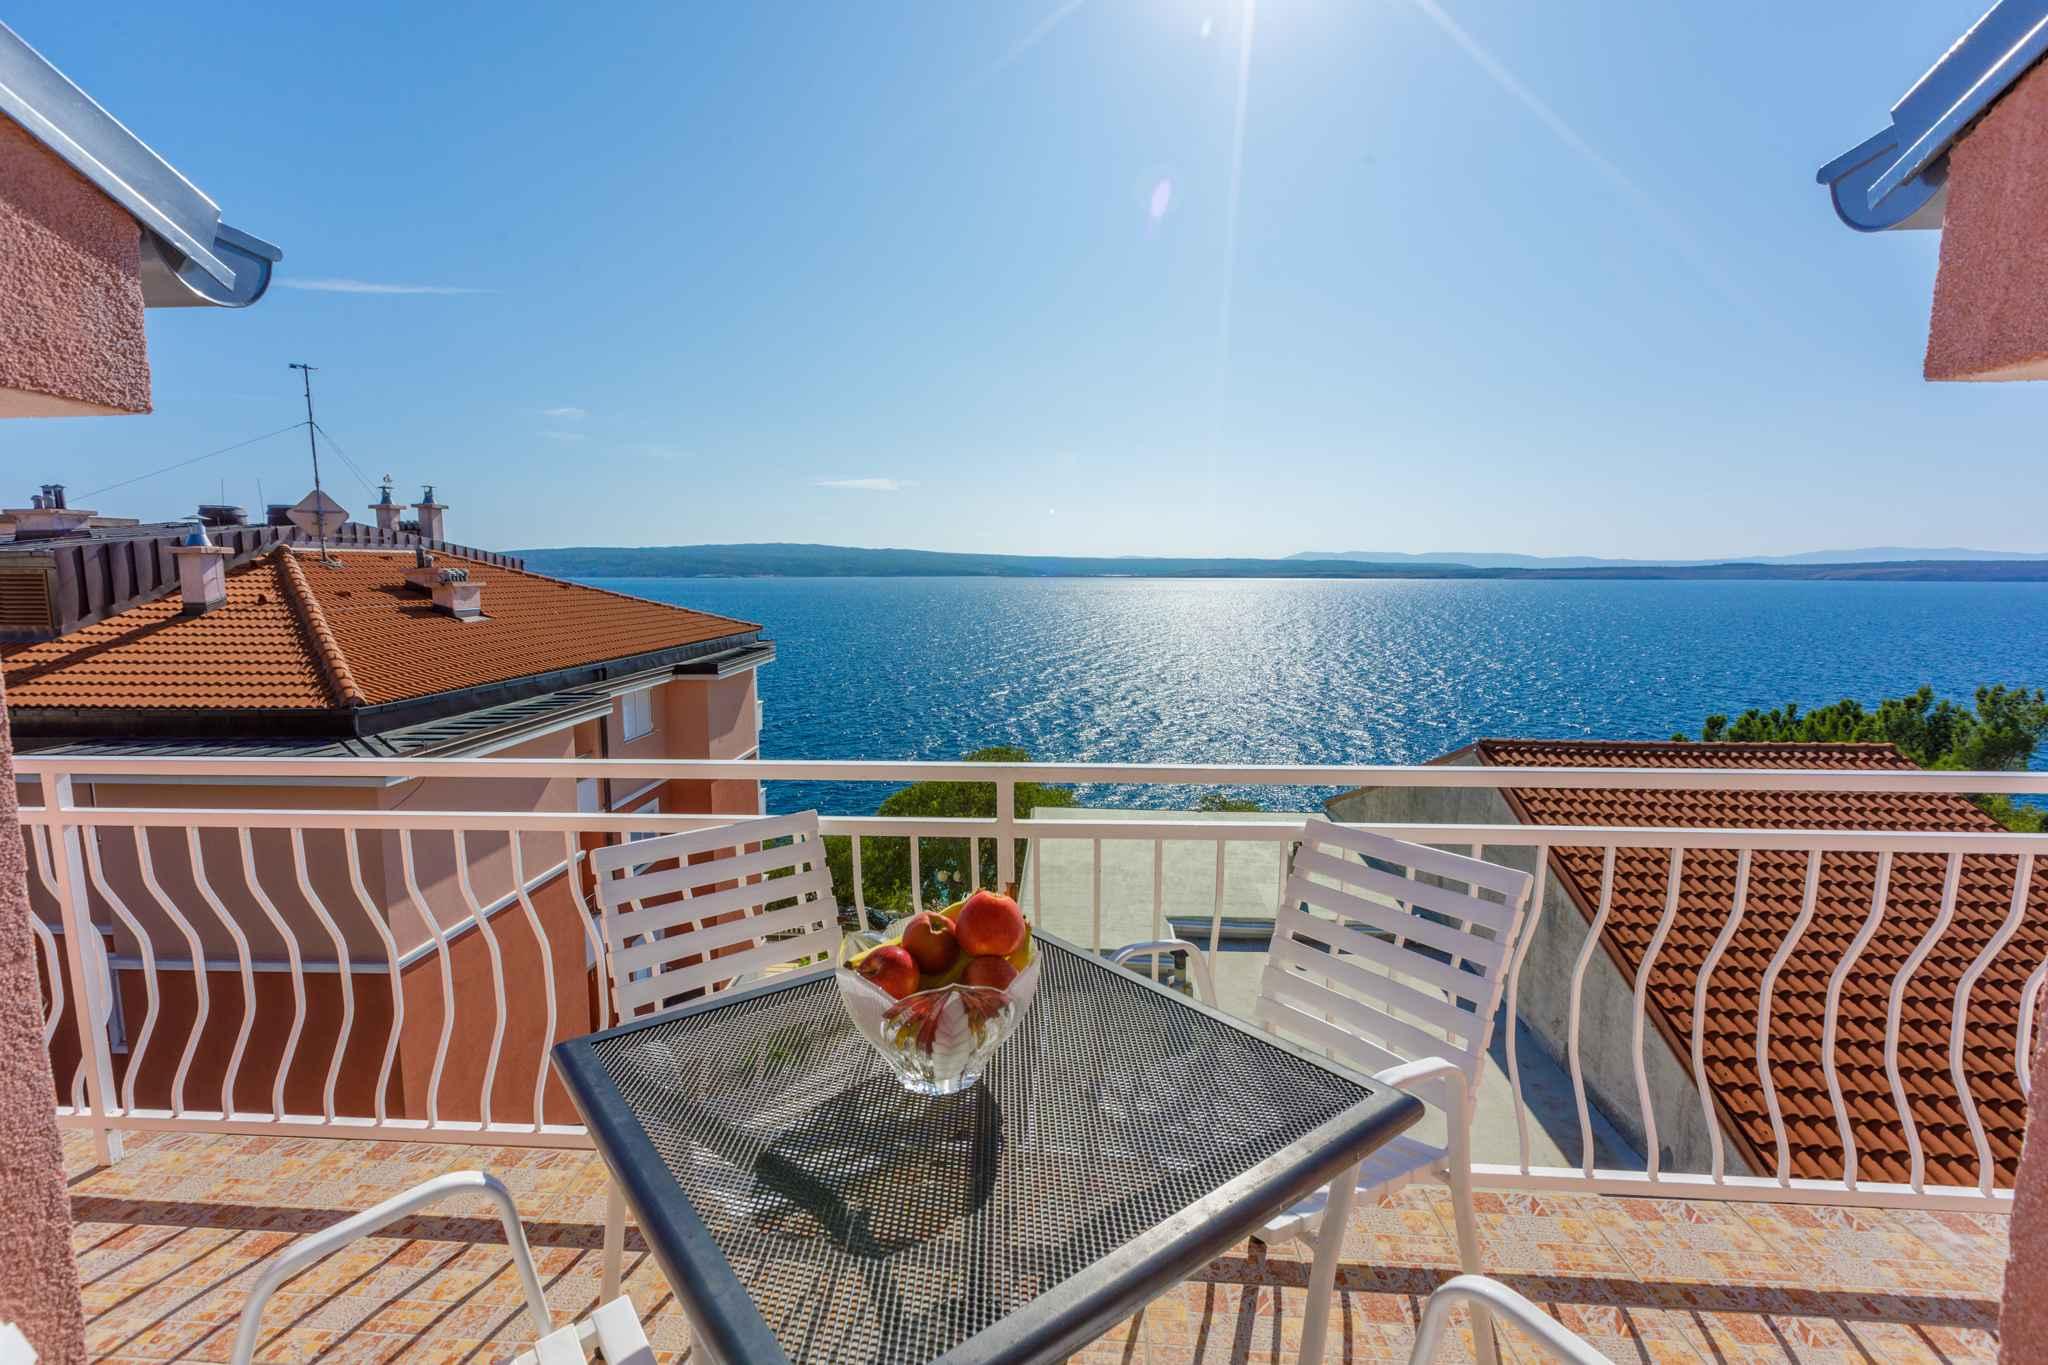 Ferienwohnung direktno na pla?i  in Kroatien